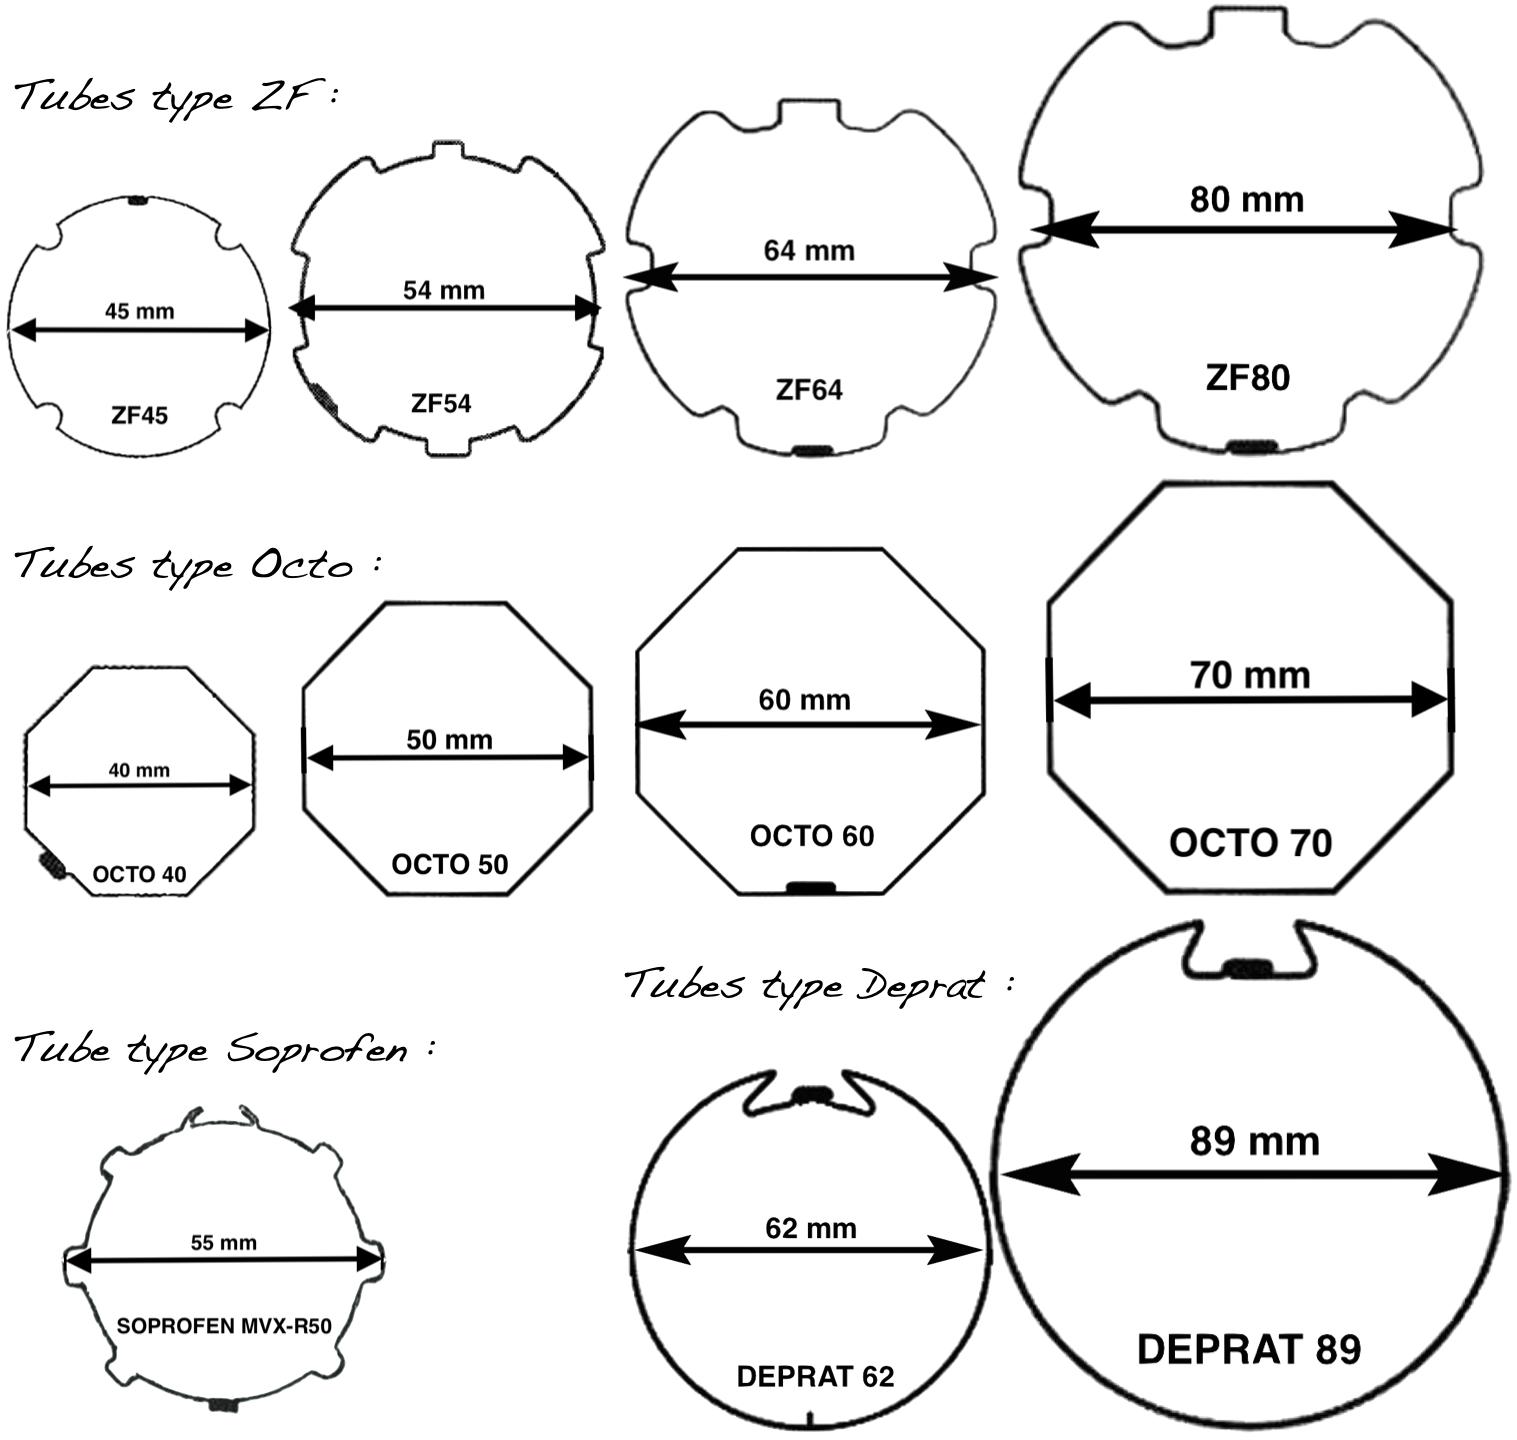 Les différents types de tubes de volet roulant